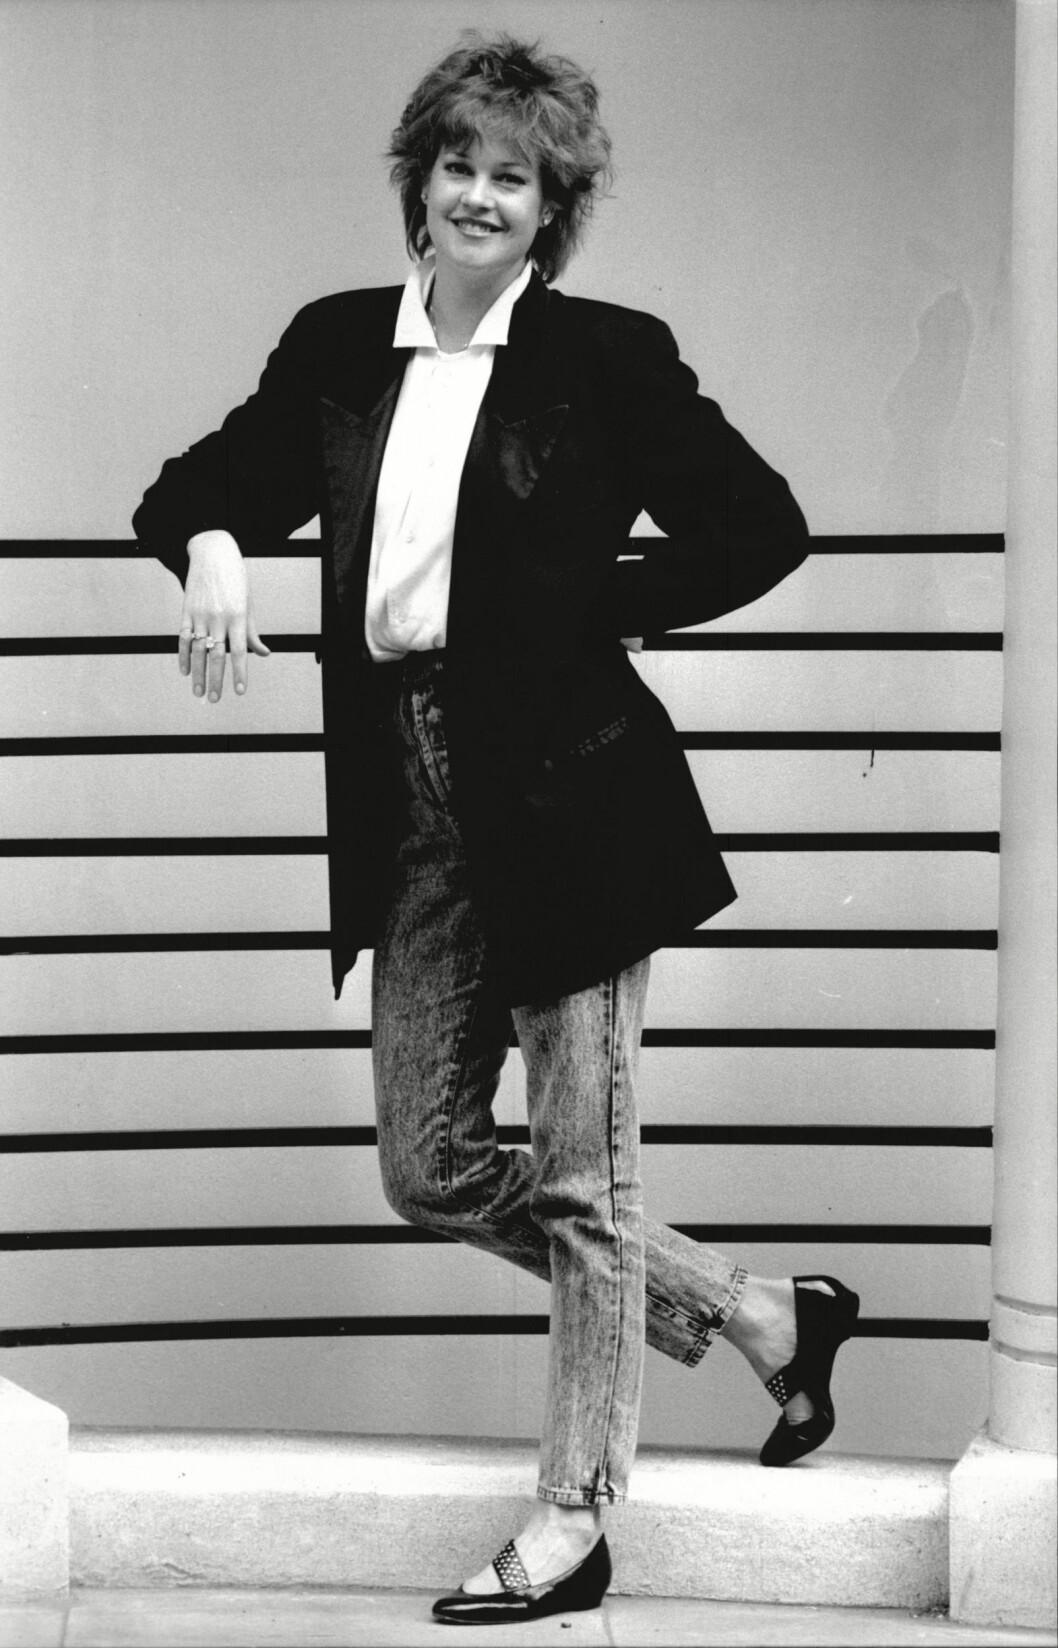 HERLIG STIL: Skuespiller Melanie Griffith i et topp hverdagsnatrekk fra 80-tallet, da steinvaskede jeans var den nye dressbuksen. Foto: REX/David Crump / Associated New